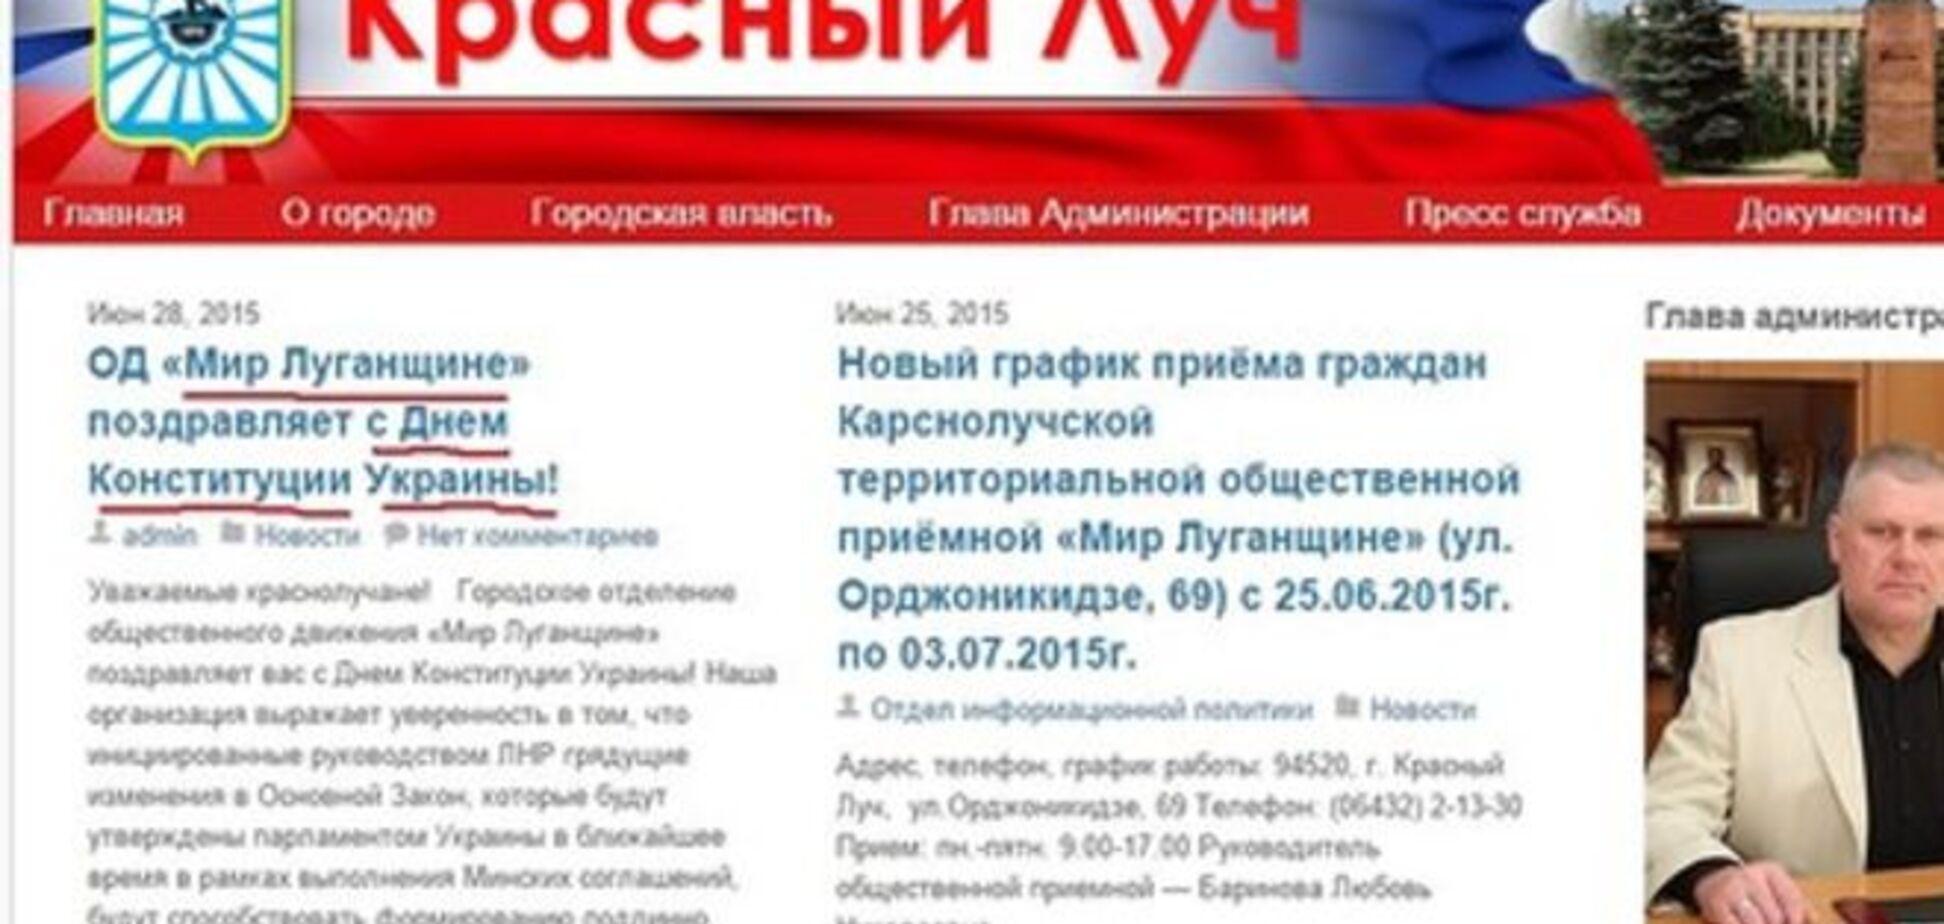 Это просто праздник! В 'ЛНР' поздравили жителей Красного Луча с Днем Конституции Украины: фотофакт